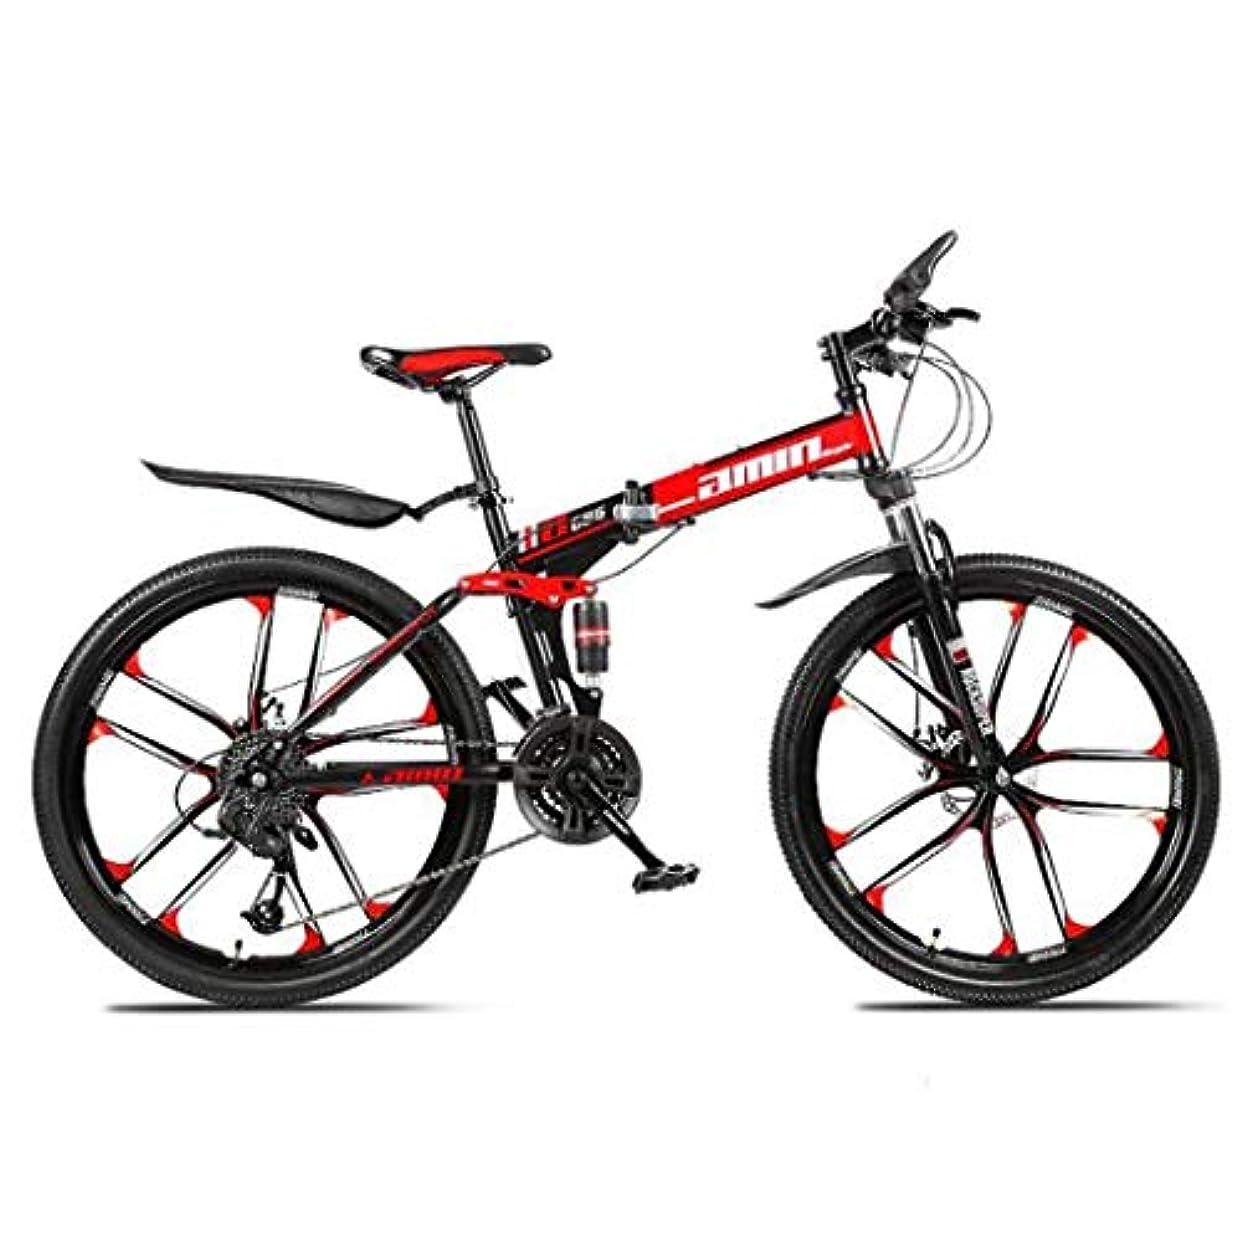 死すべき復活する原点マウンテンバイクフォールディングバイク、26インチ27速ダブルディスクブレーキフルサスペンションアンチスリップ、軽量アルミニウムフレーム、サスペンションフォーク、レッド、D